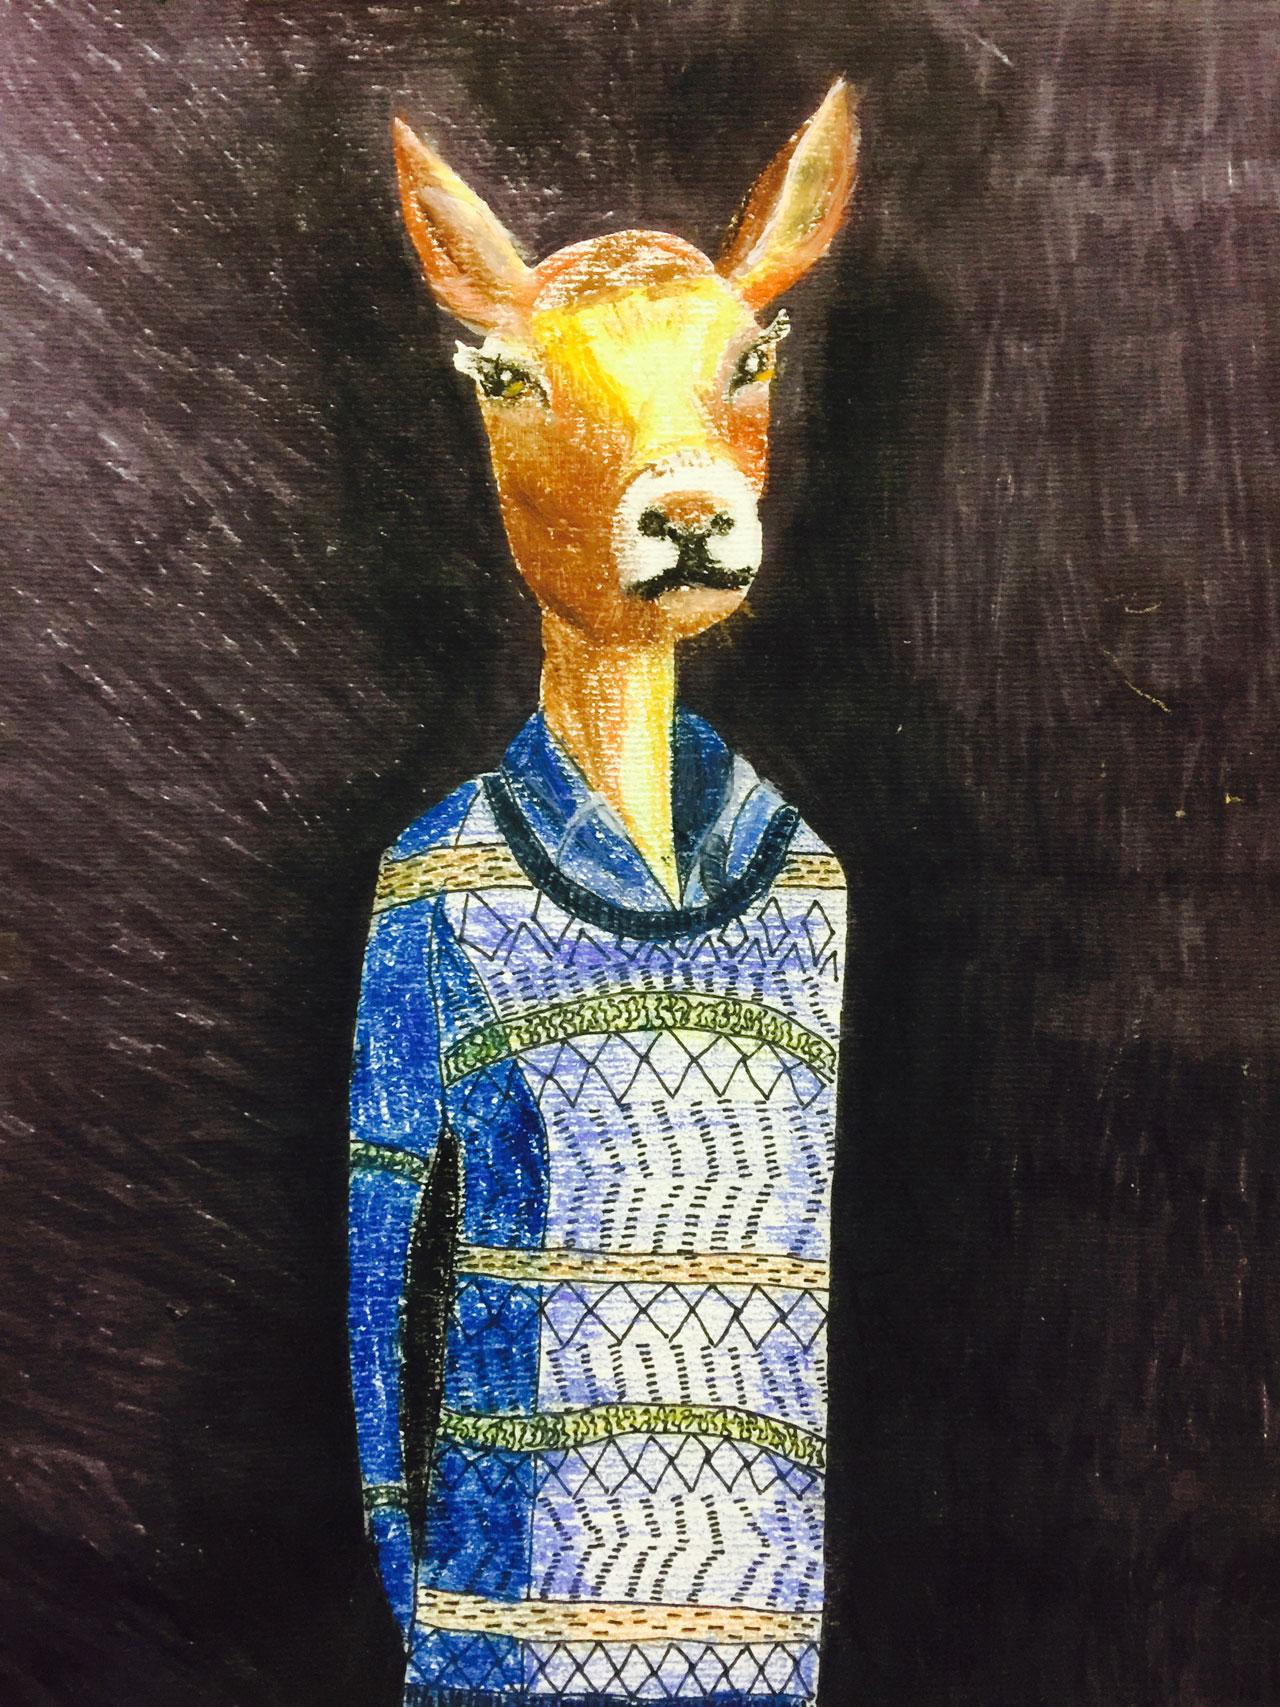 潘彦铮-优雅的鹿先生(装饰画)